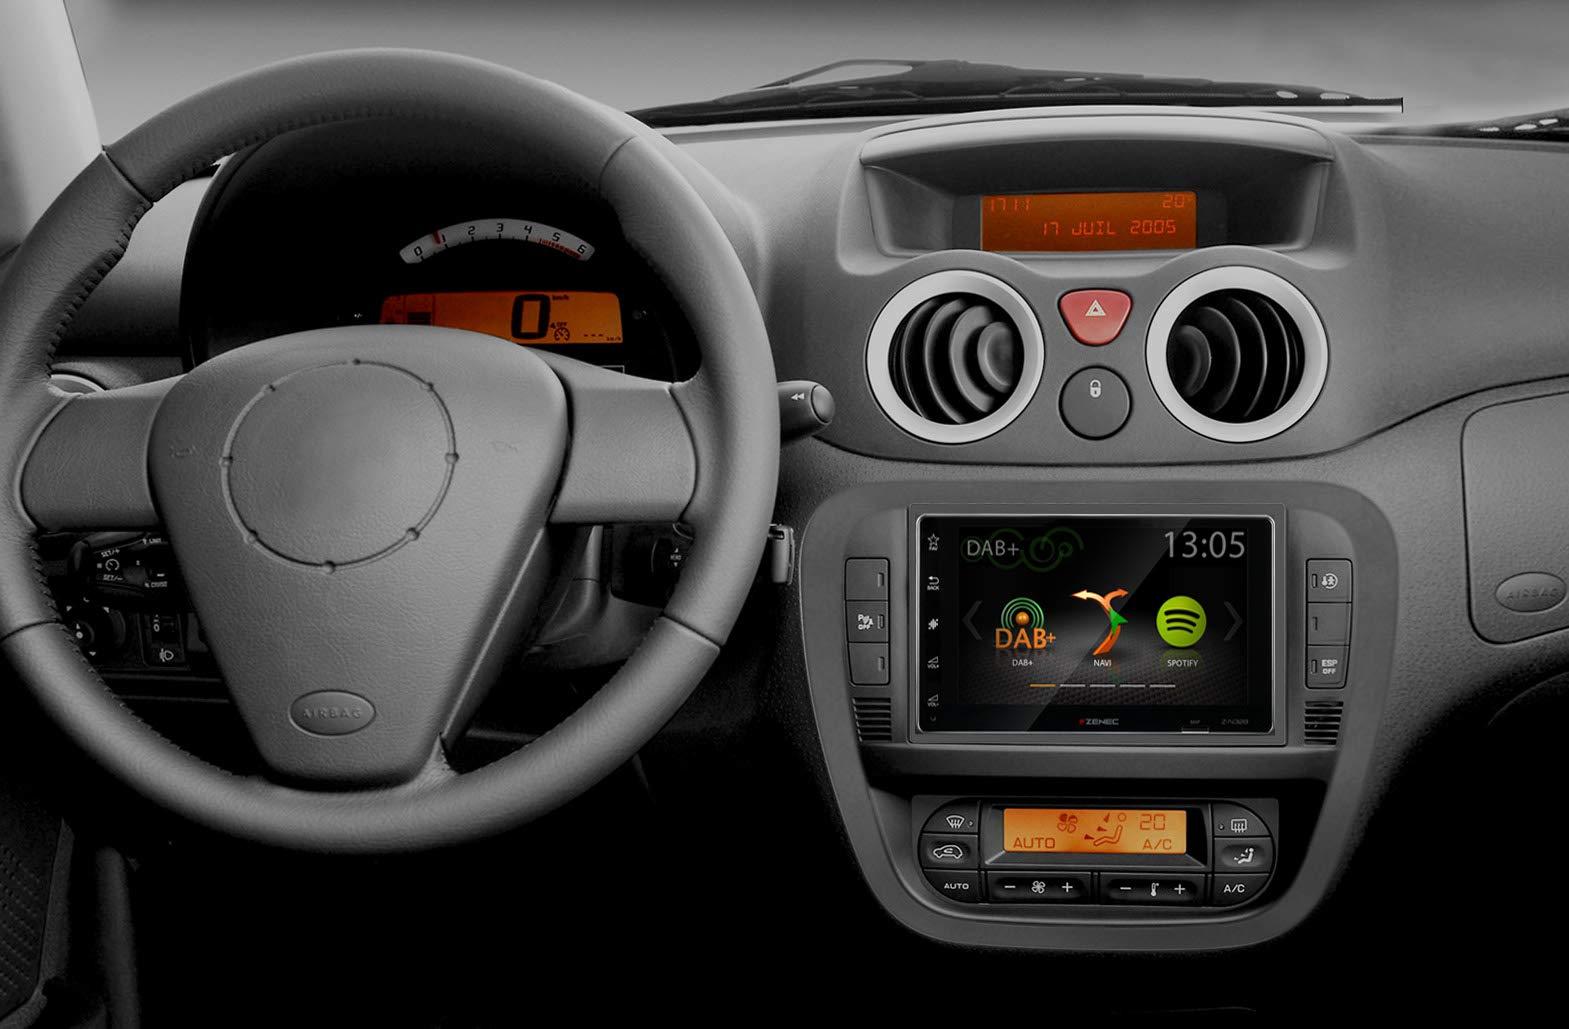 ZENEC-Z-N328-2-DIN-Infotainer-mit-DAB-und-Spotify–Kapazitiver-62157-cm-169-TFT-Touchscreen-Bildschirm–Smartlink-Direct-Anbindung-von-iOSAndroid-Smartphones